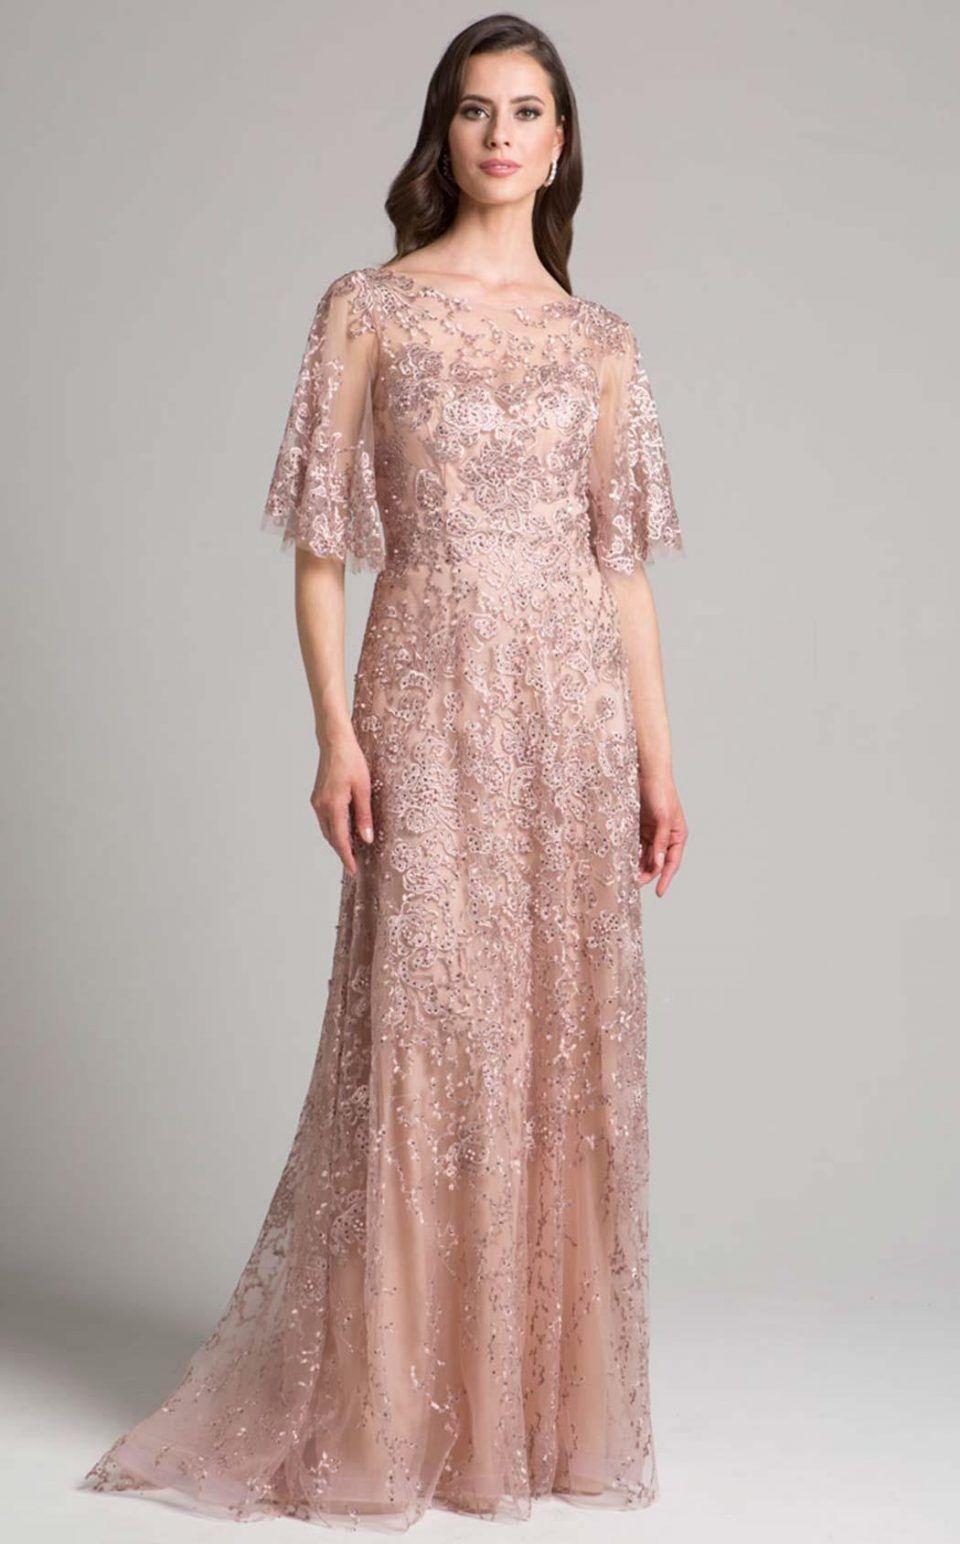 Bride Gold Mother Of The Bride Dresslace Long Dresseshalf ...